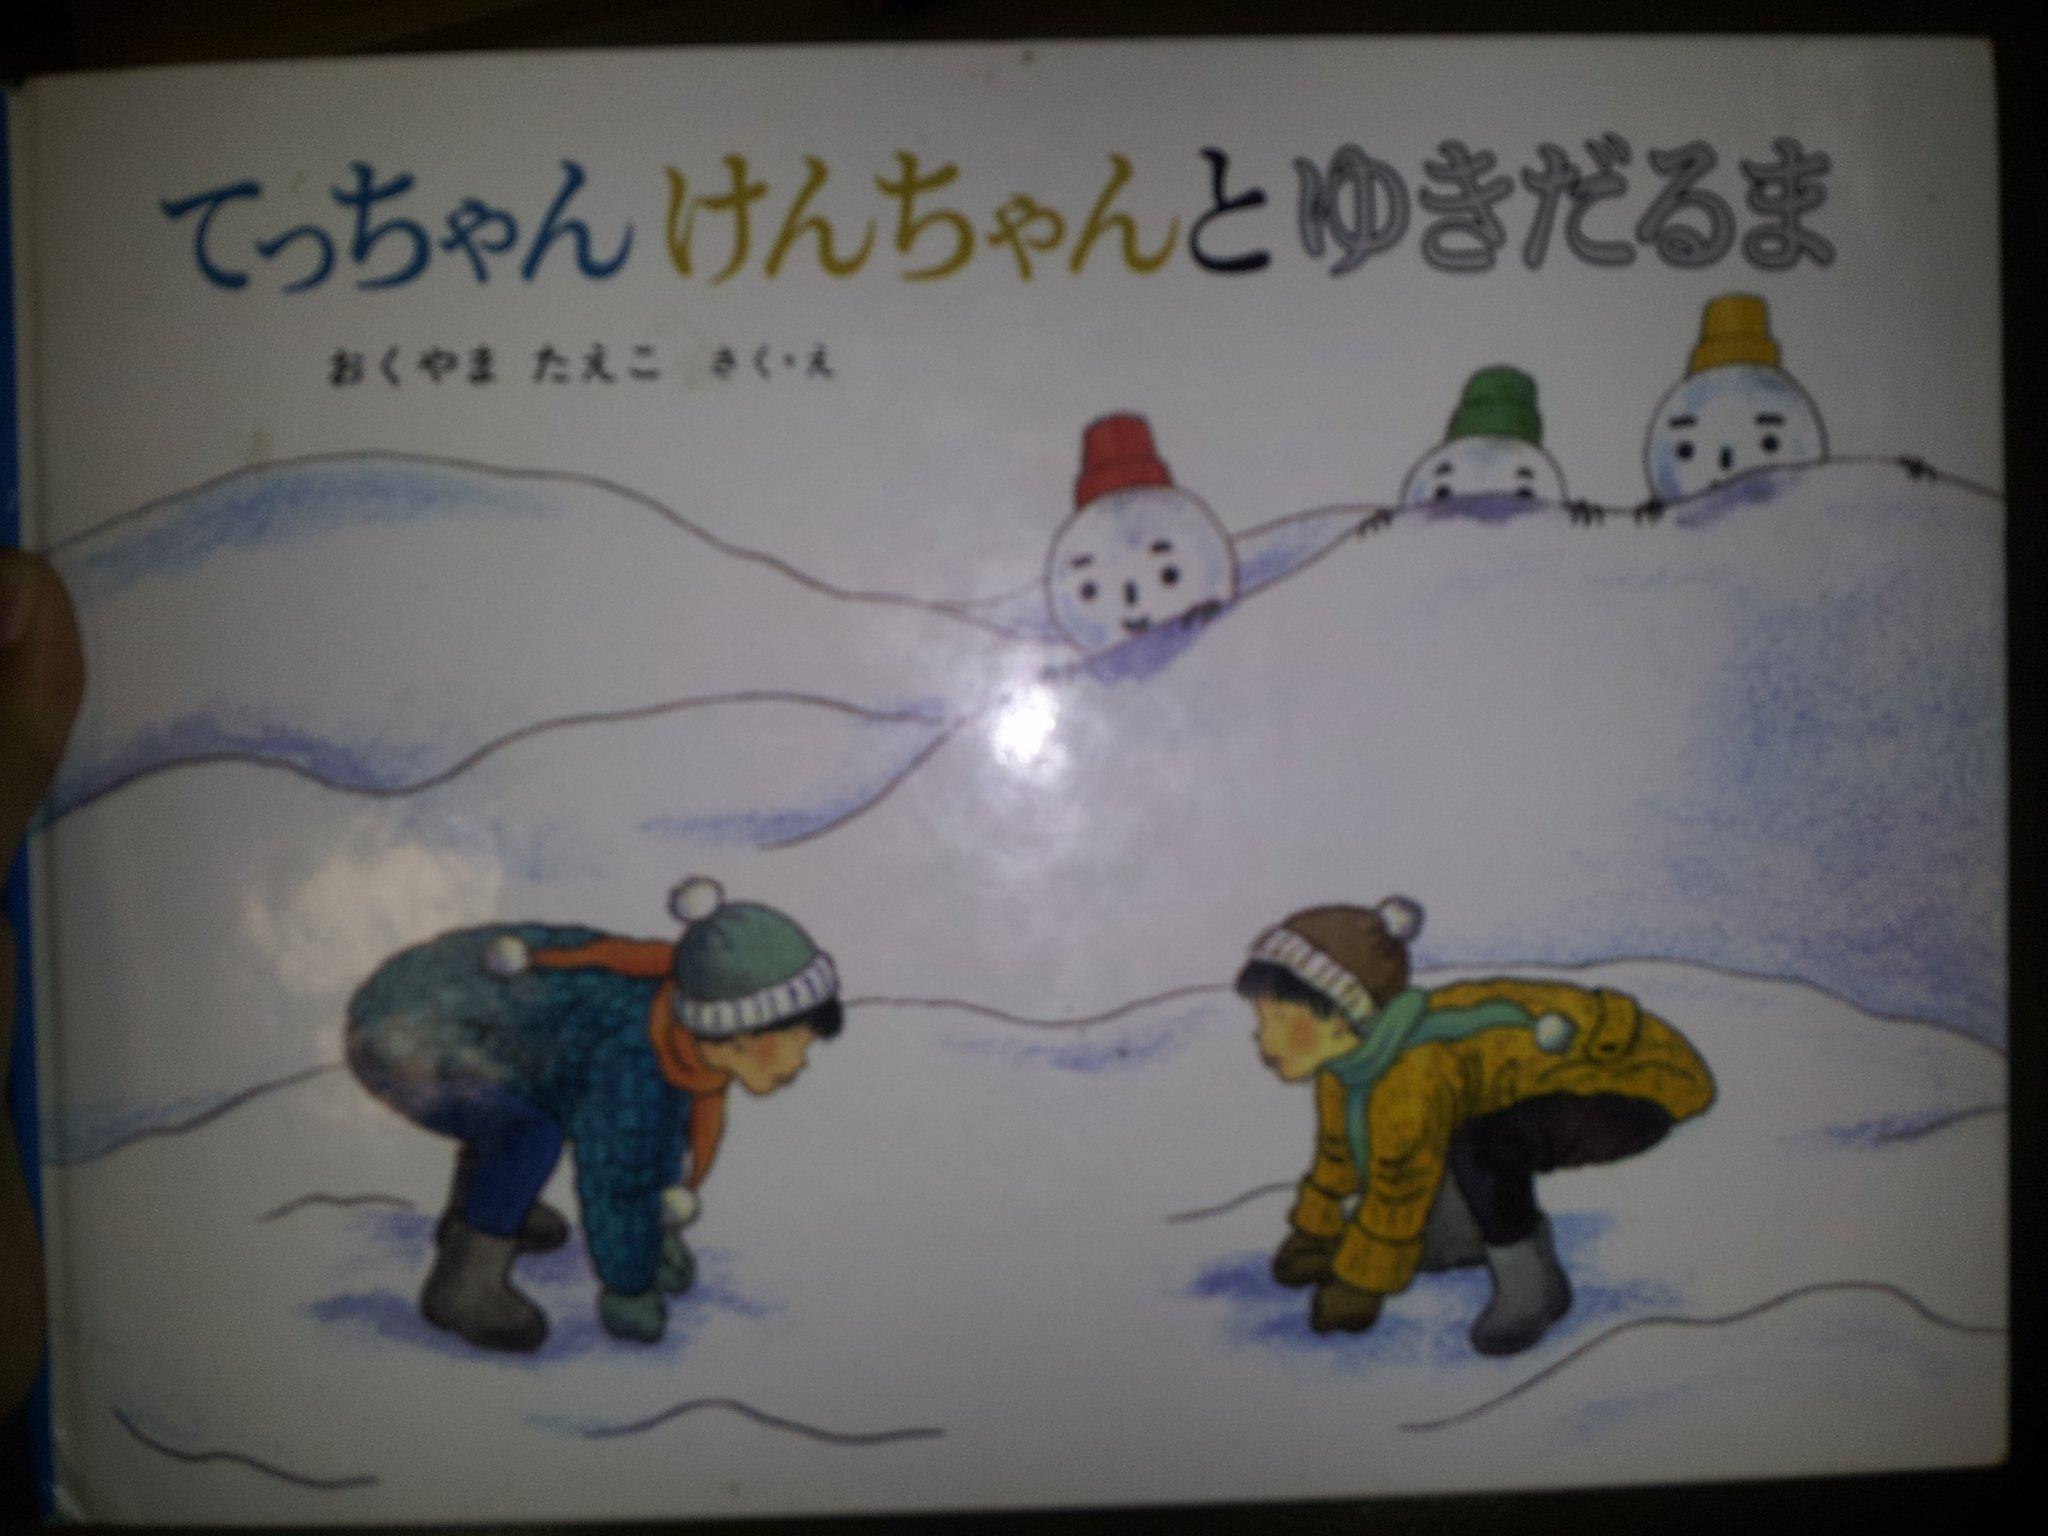 やだ可愛い RT @larciel666: 【速報】おさななが雪遊びしてらっしゃいます http://t.co/qnFpChGT